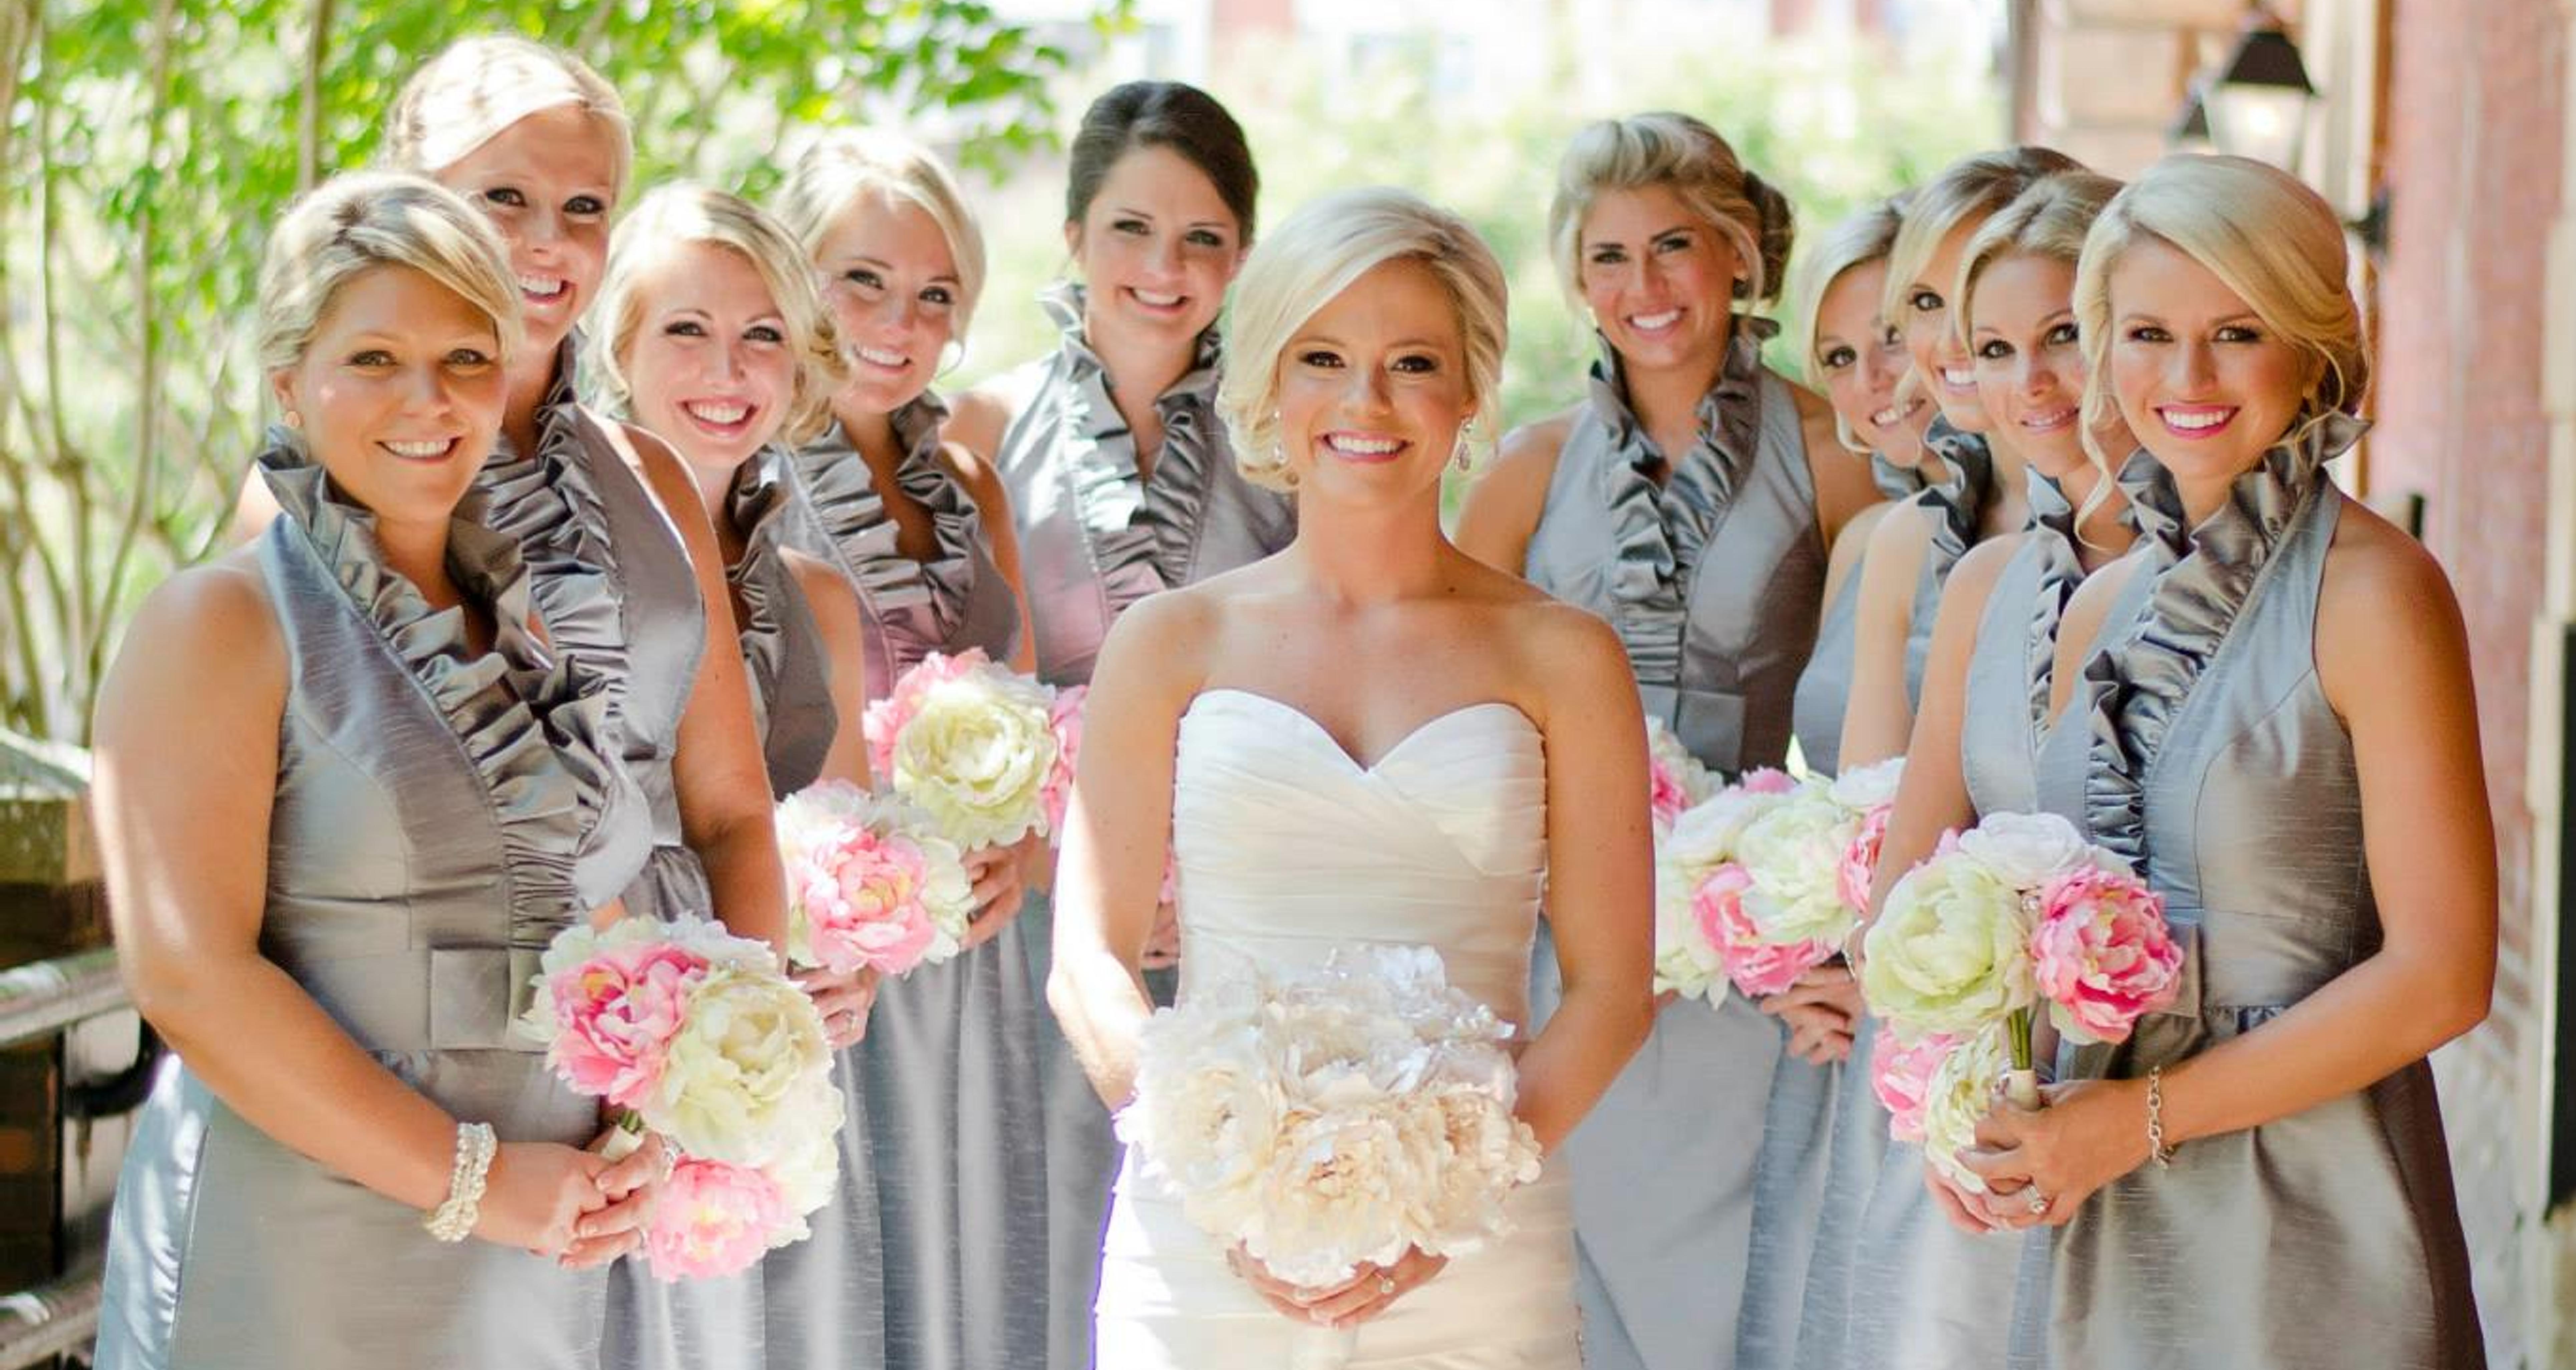 atlanta bridal hair and makeup 26.jpg